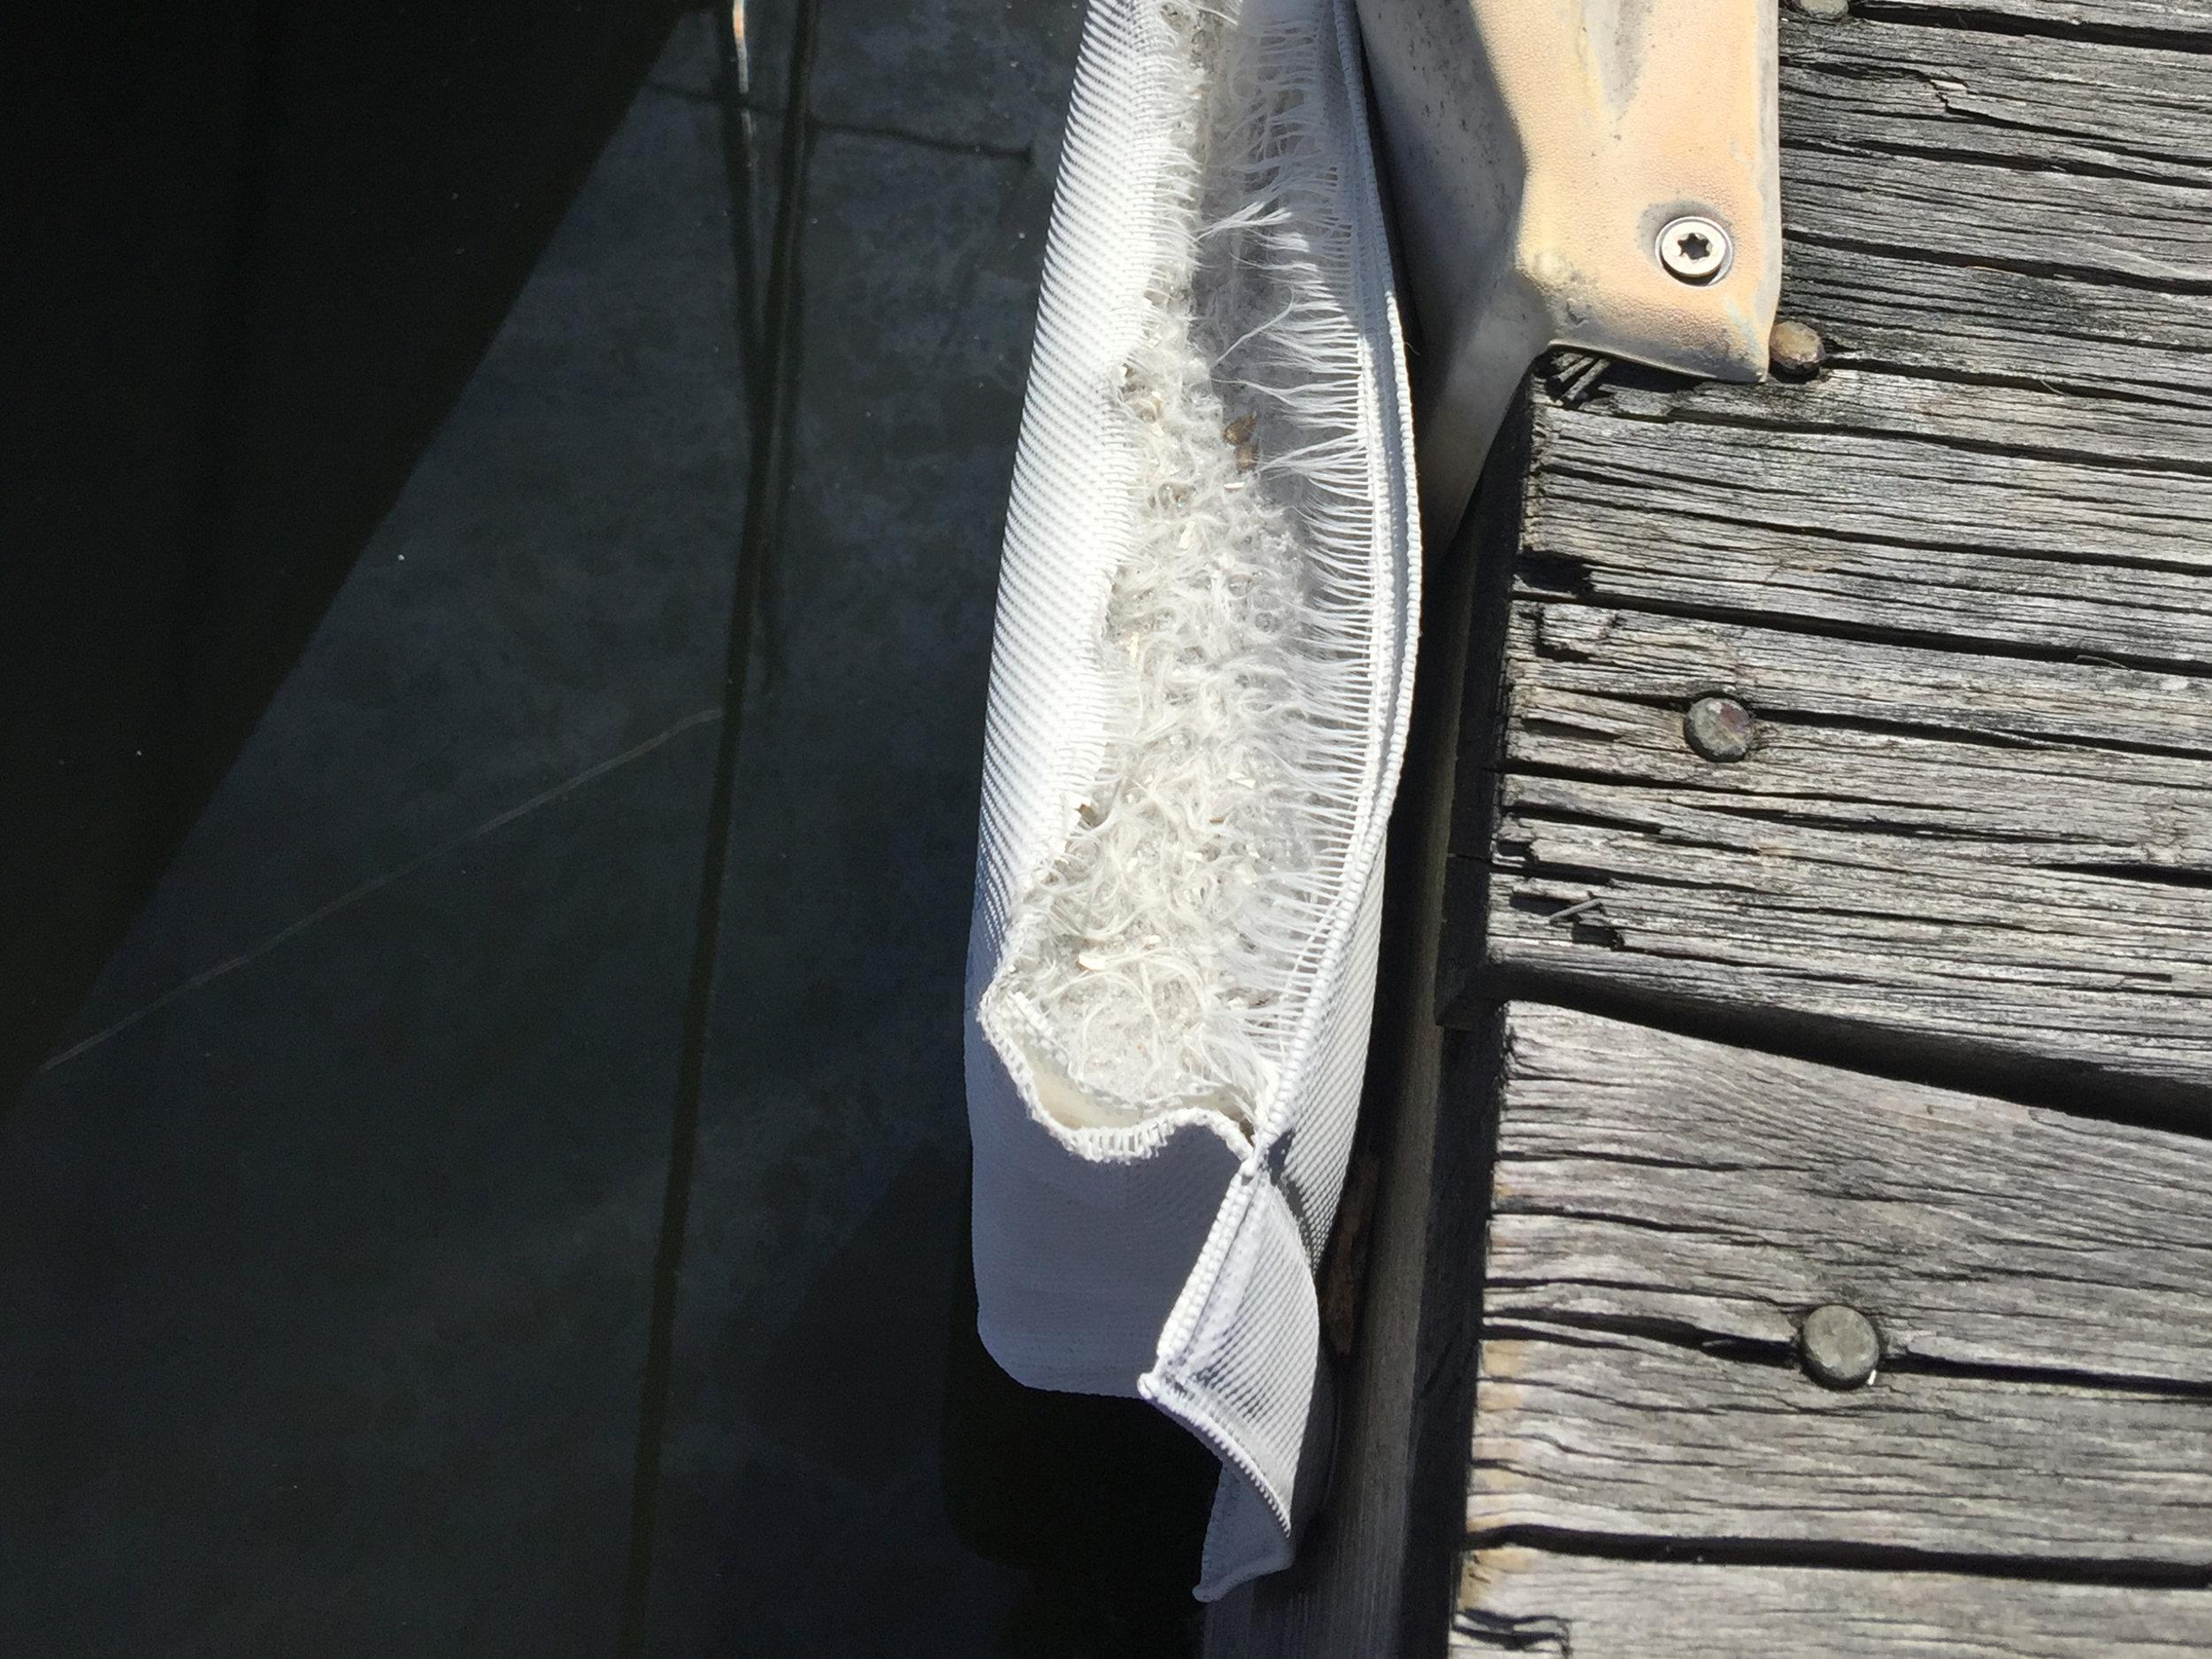 Rips exposing poor filling material